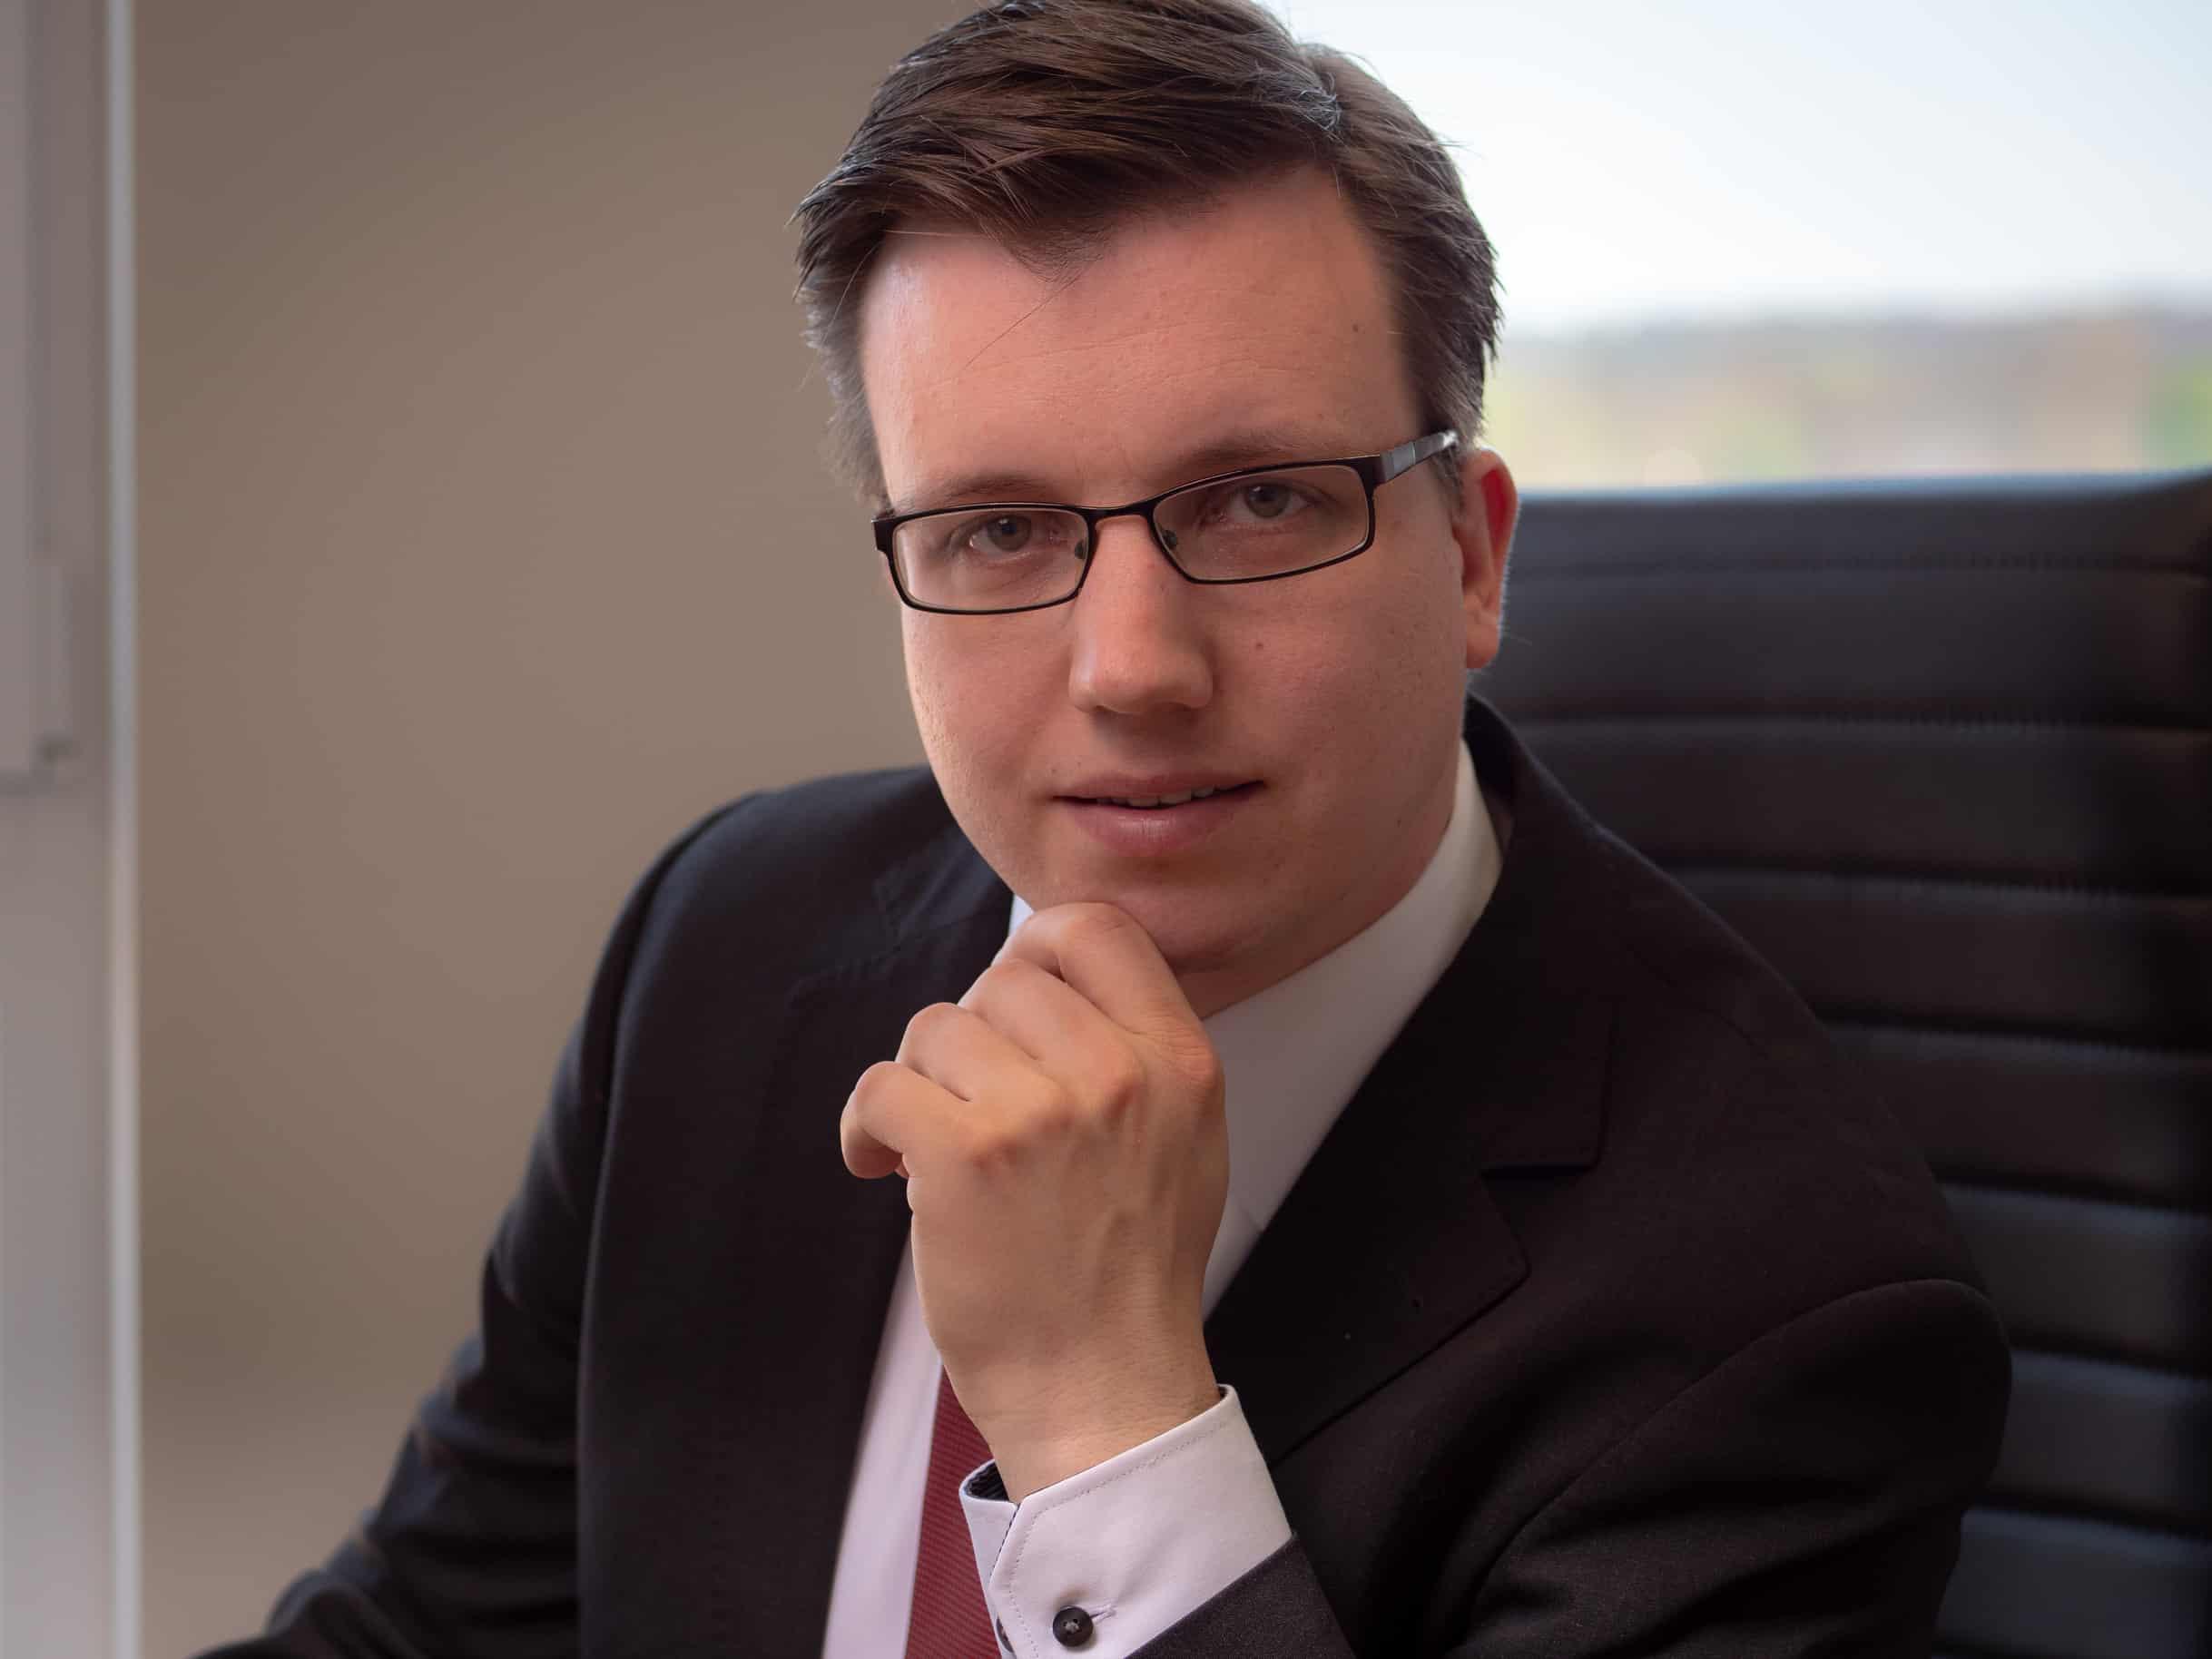 Rechtsanwalt Zechlin Arbeitsplatz